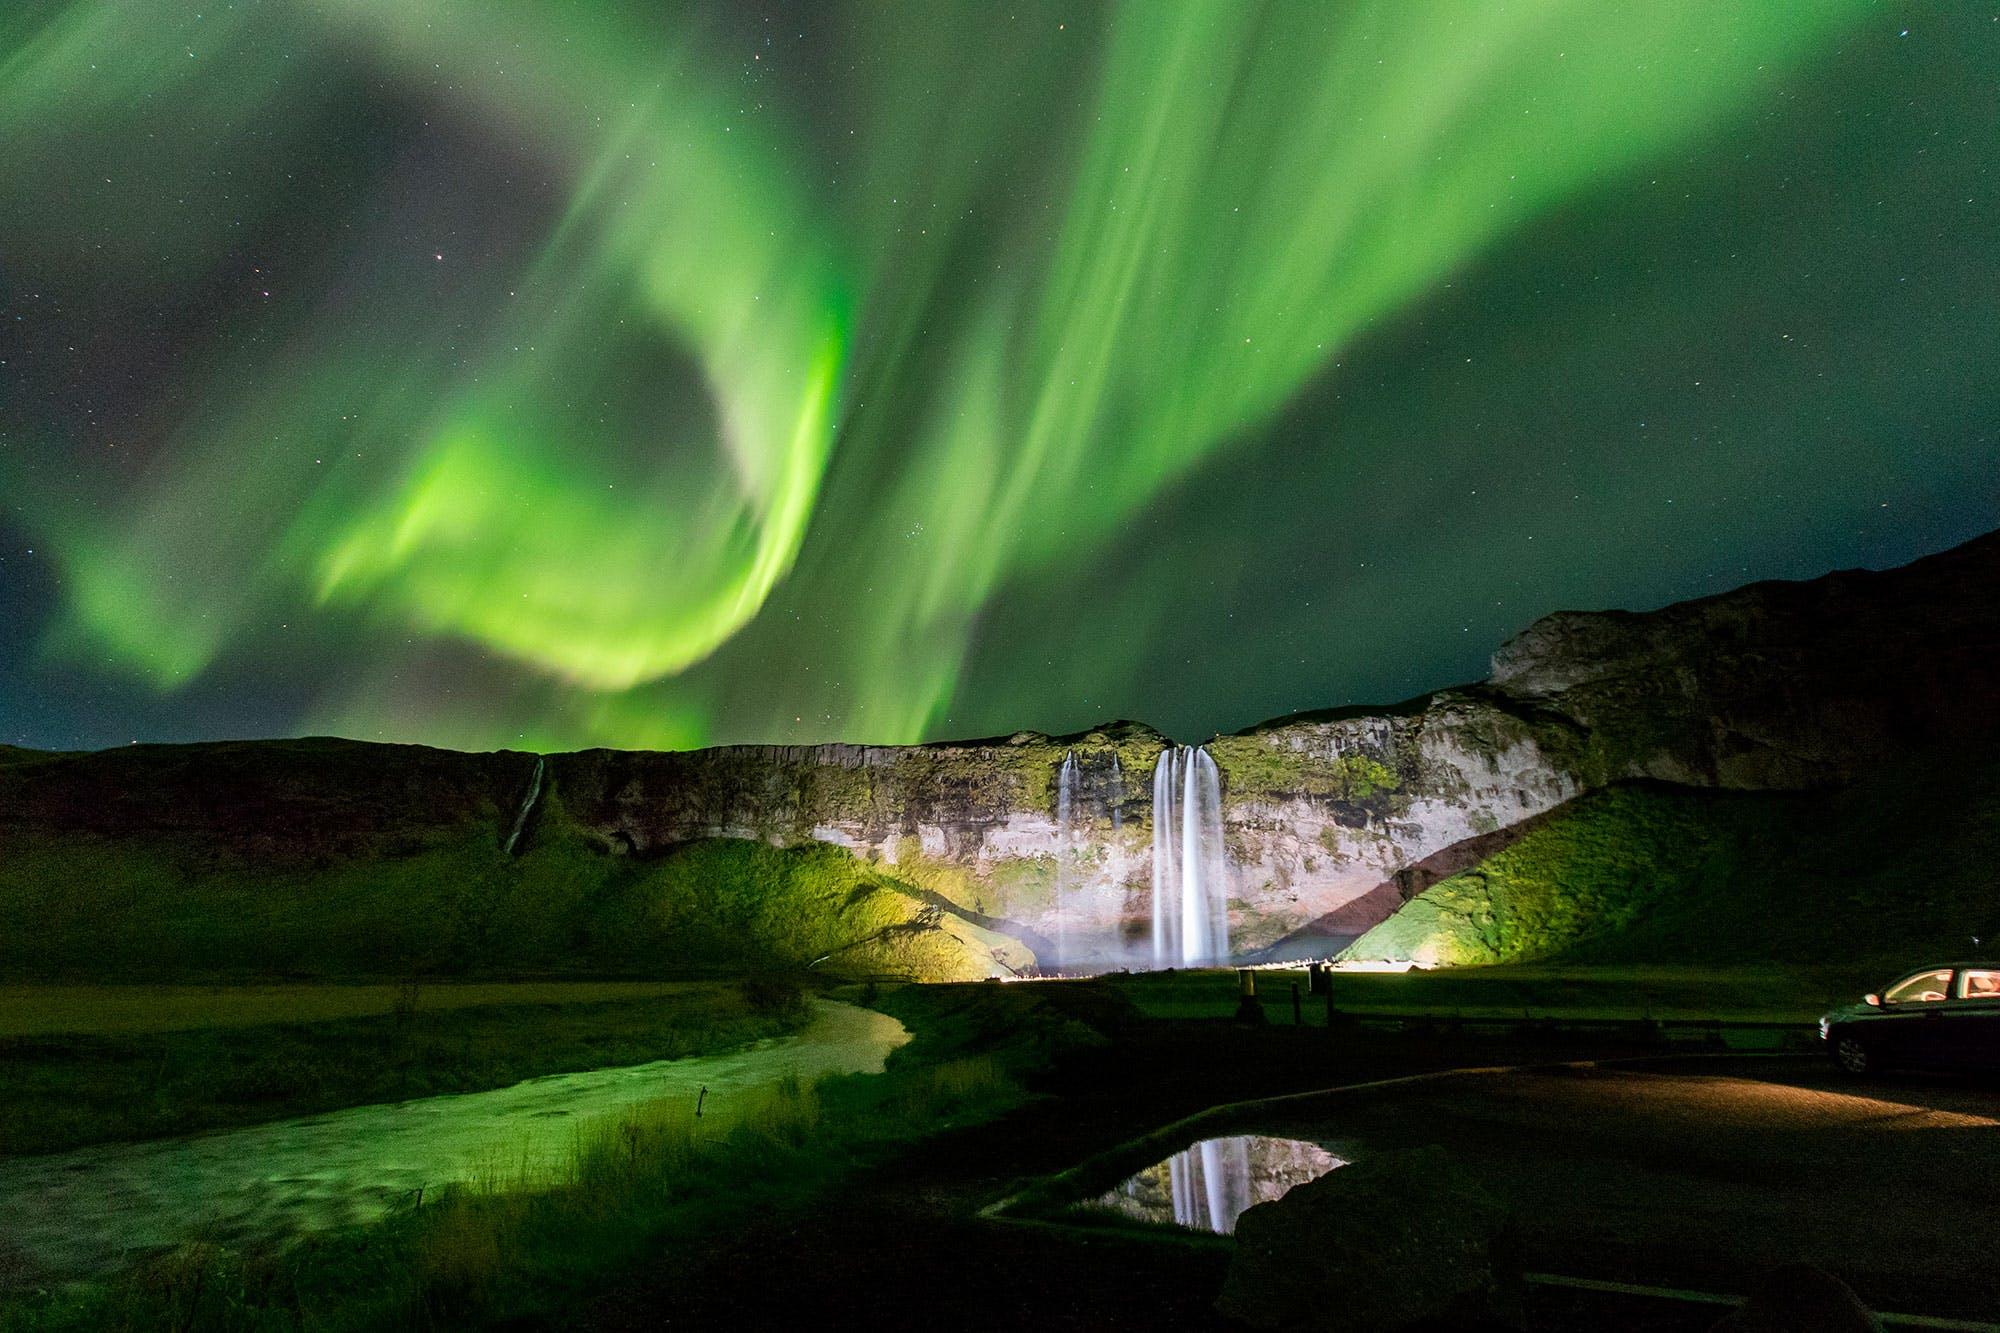 北极光在冰岛南岸塞里雅兰瀑布的上空舞动